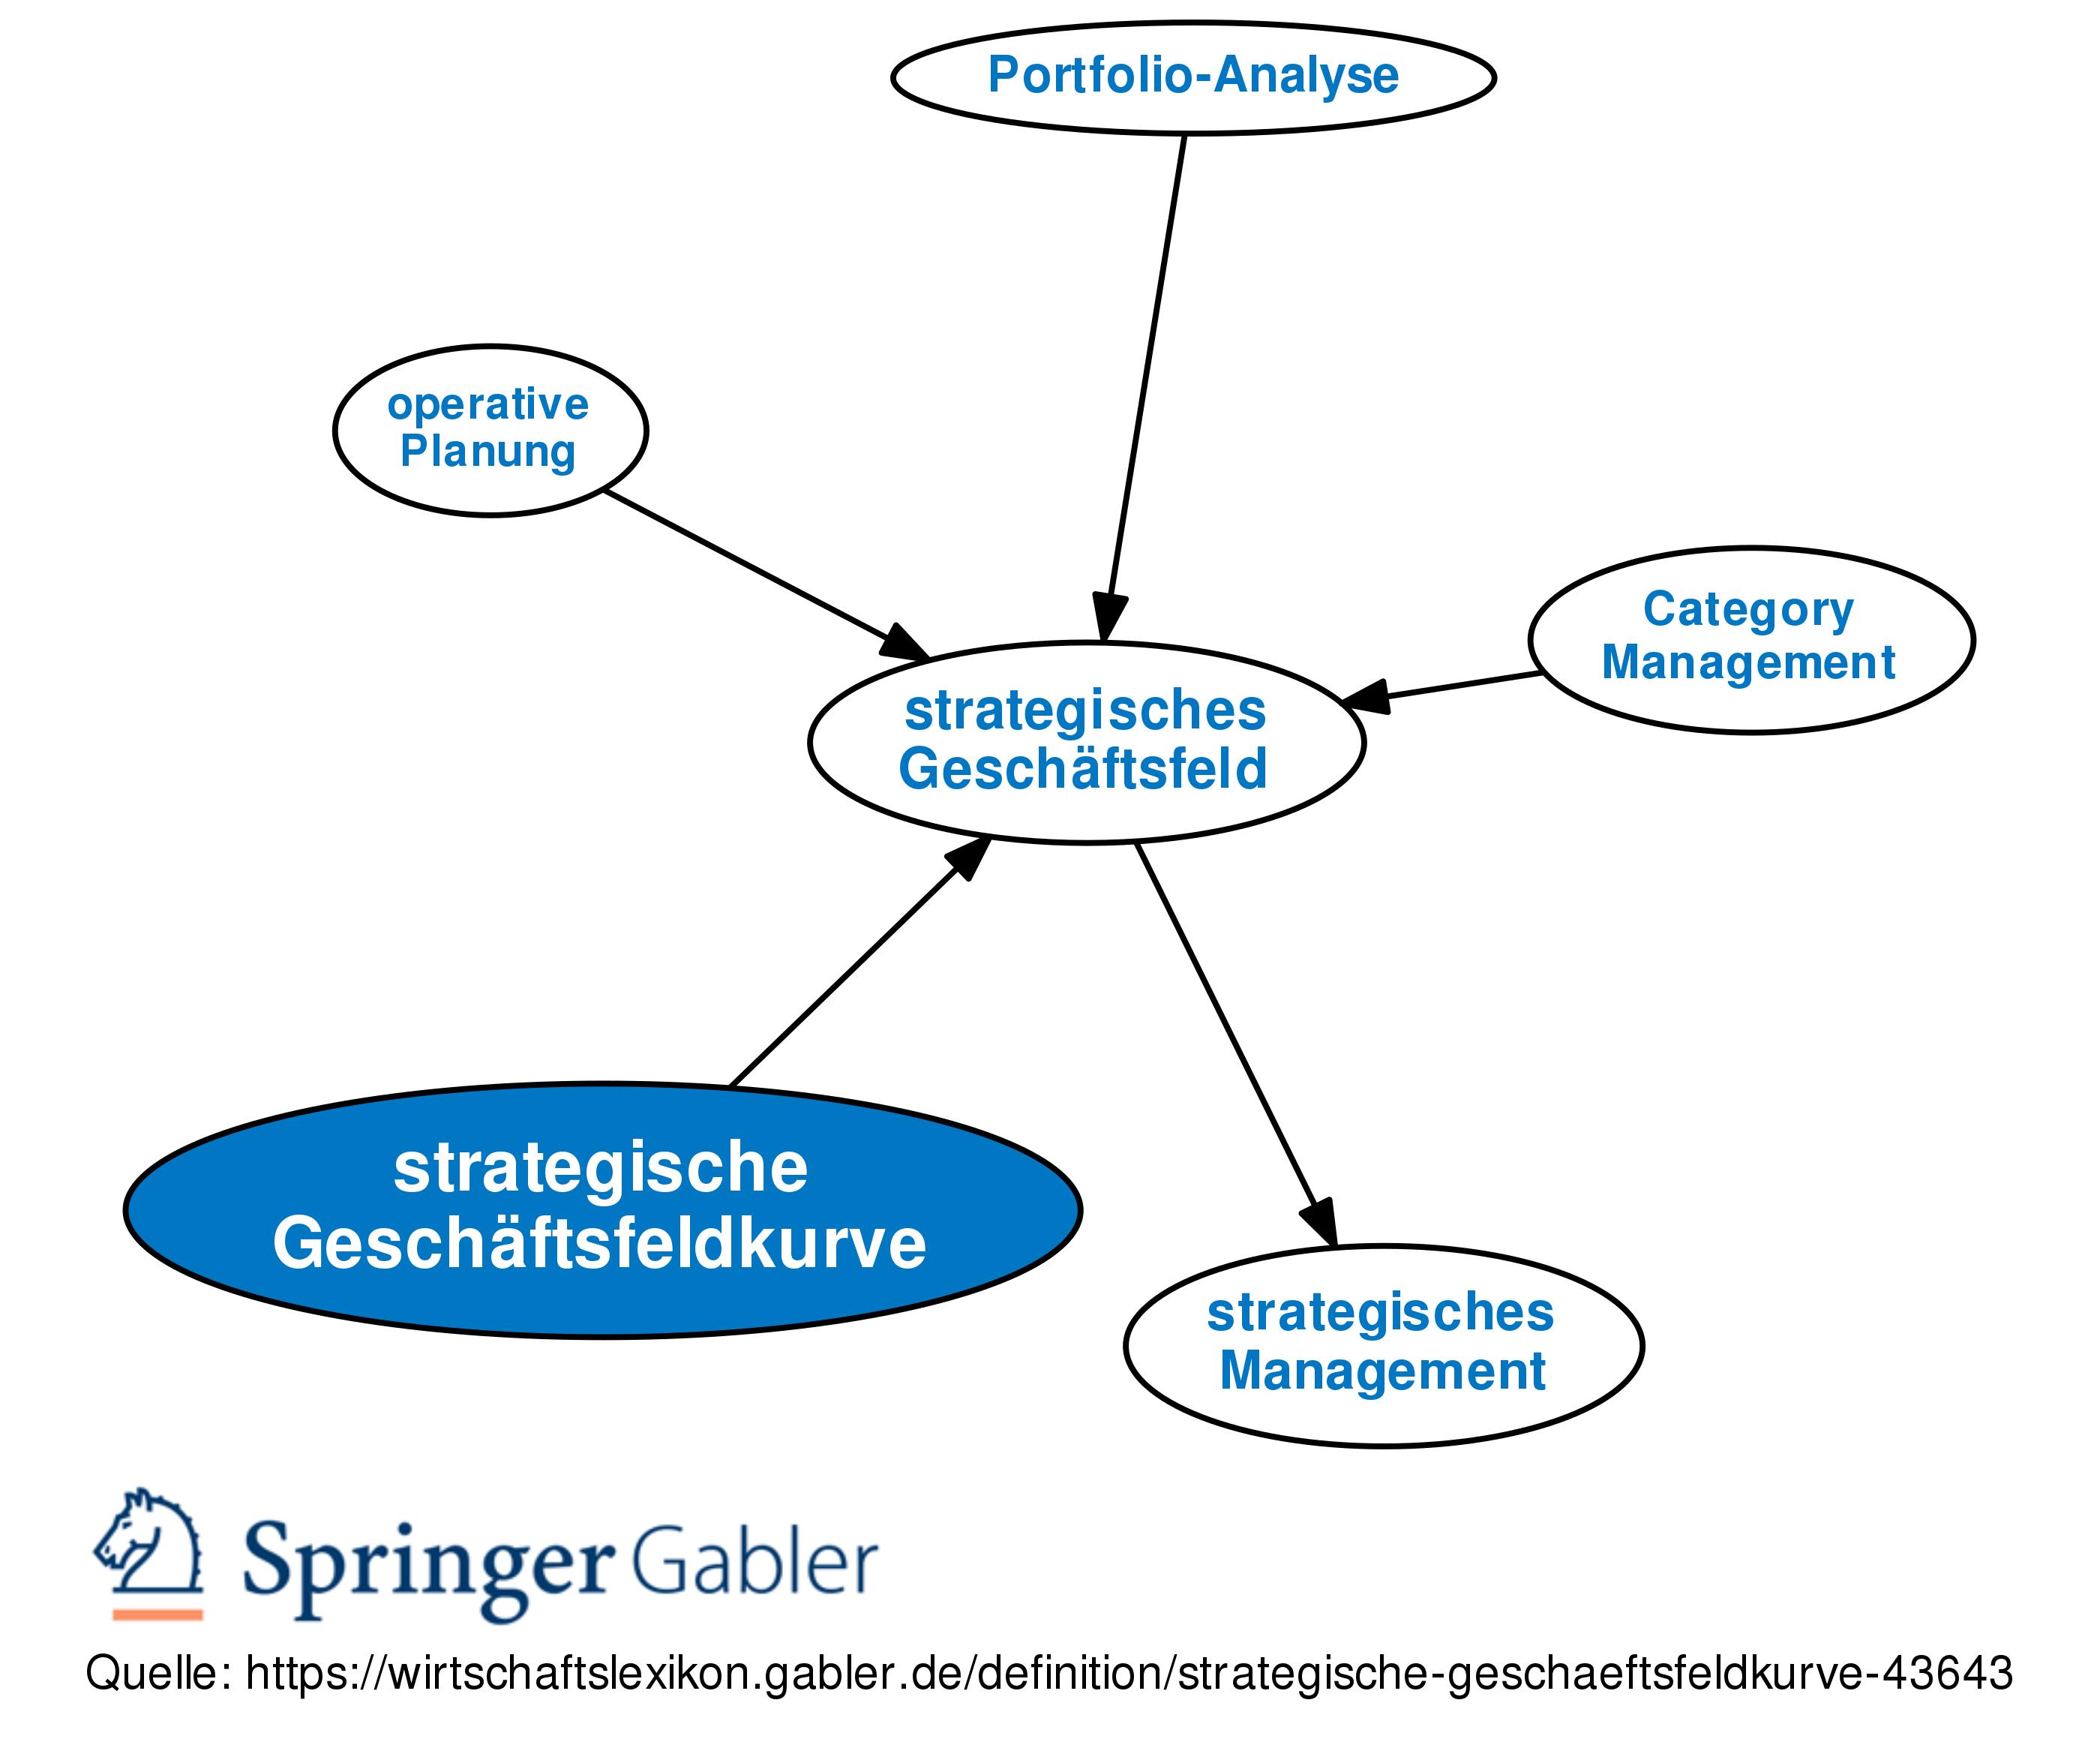 Strategische Geschaftsfeldkurve Definition Gabler Wirtschaftslexikon